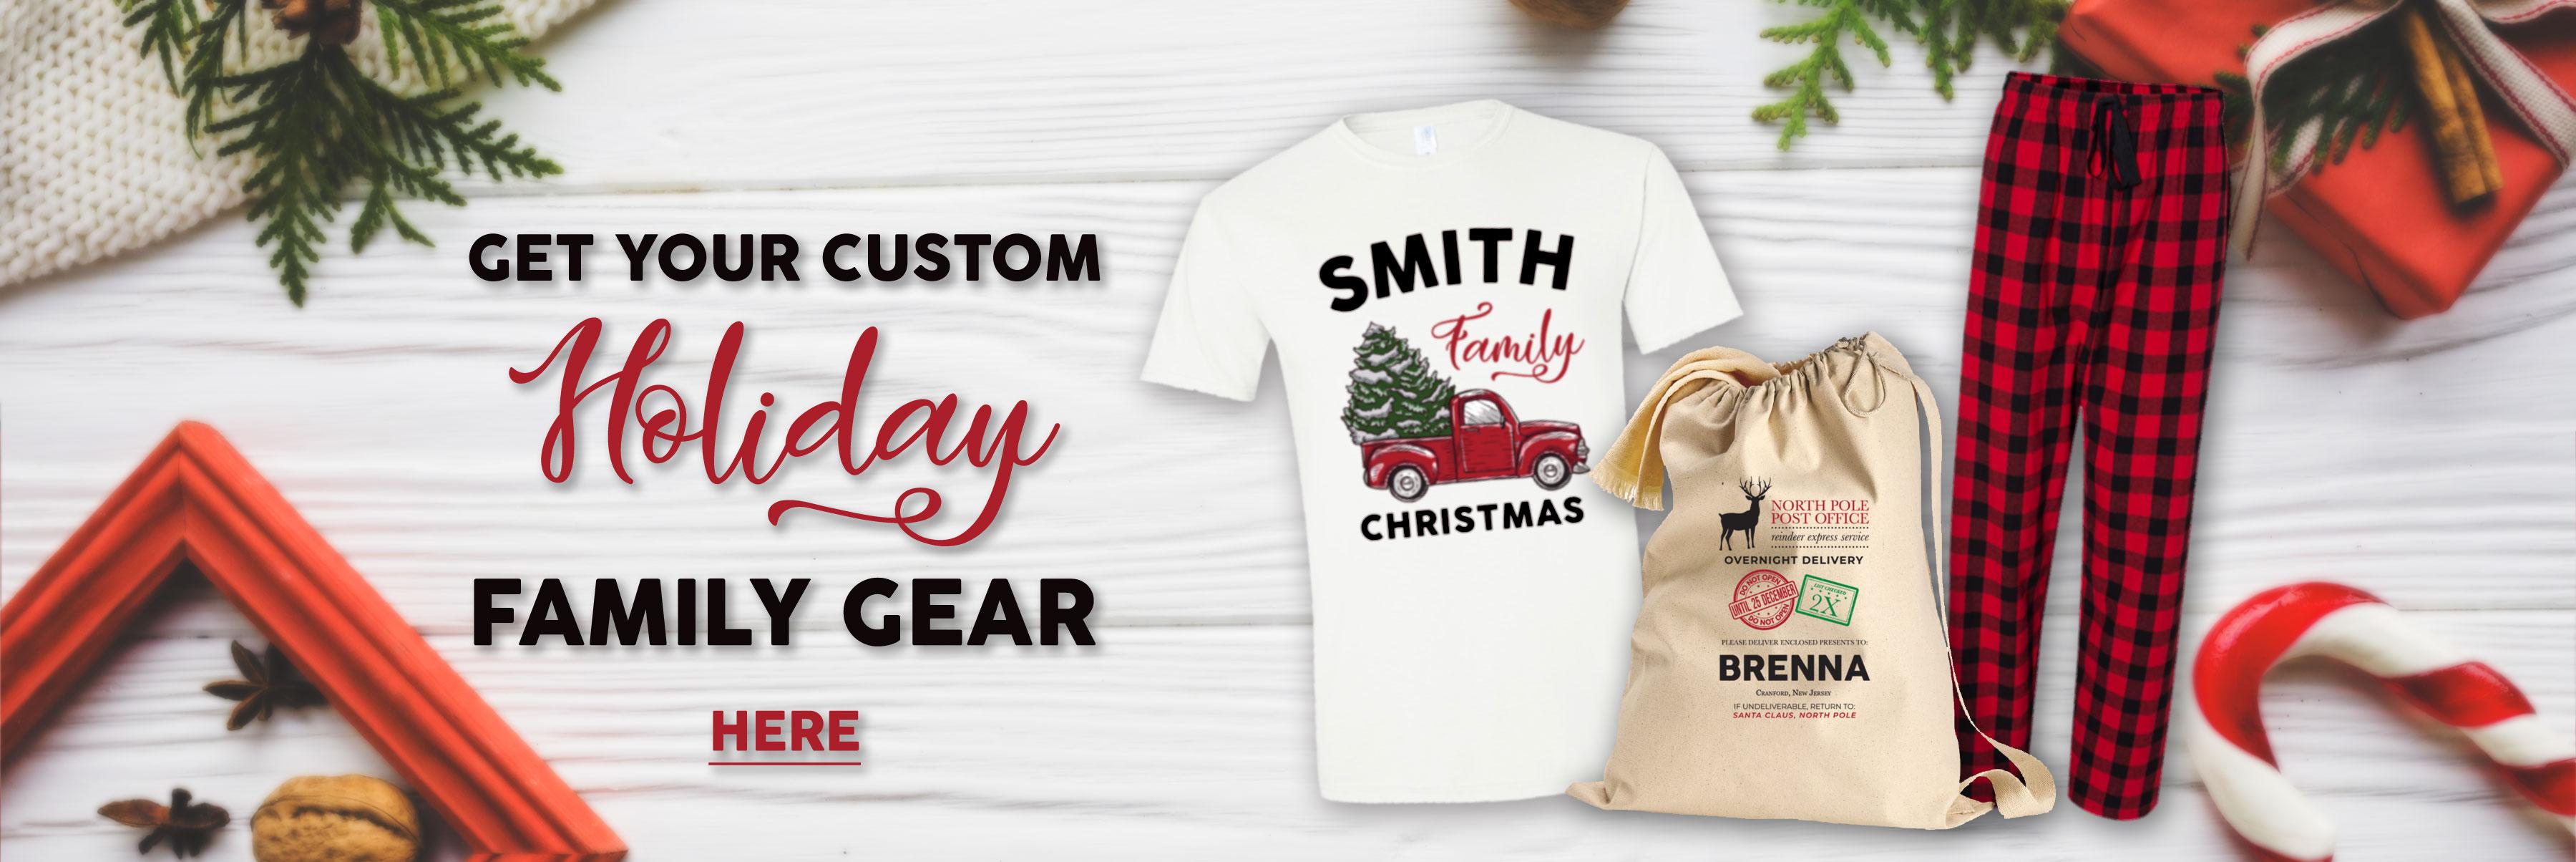 Family holiday custom gear 2019